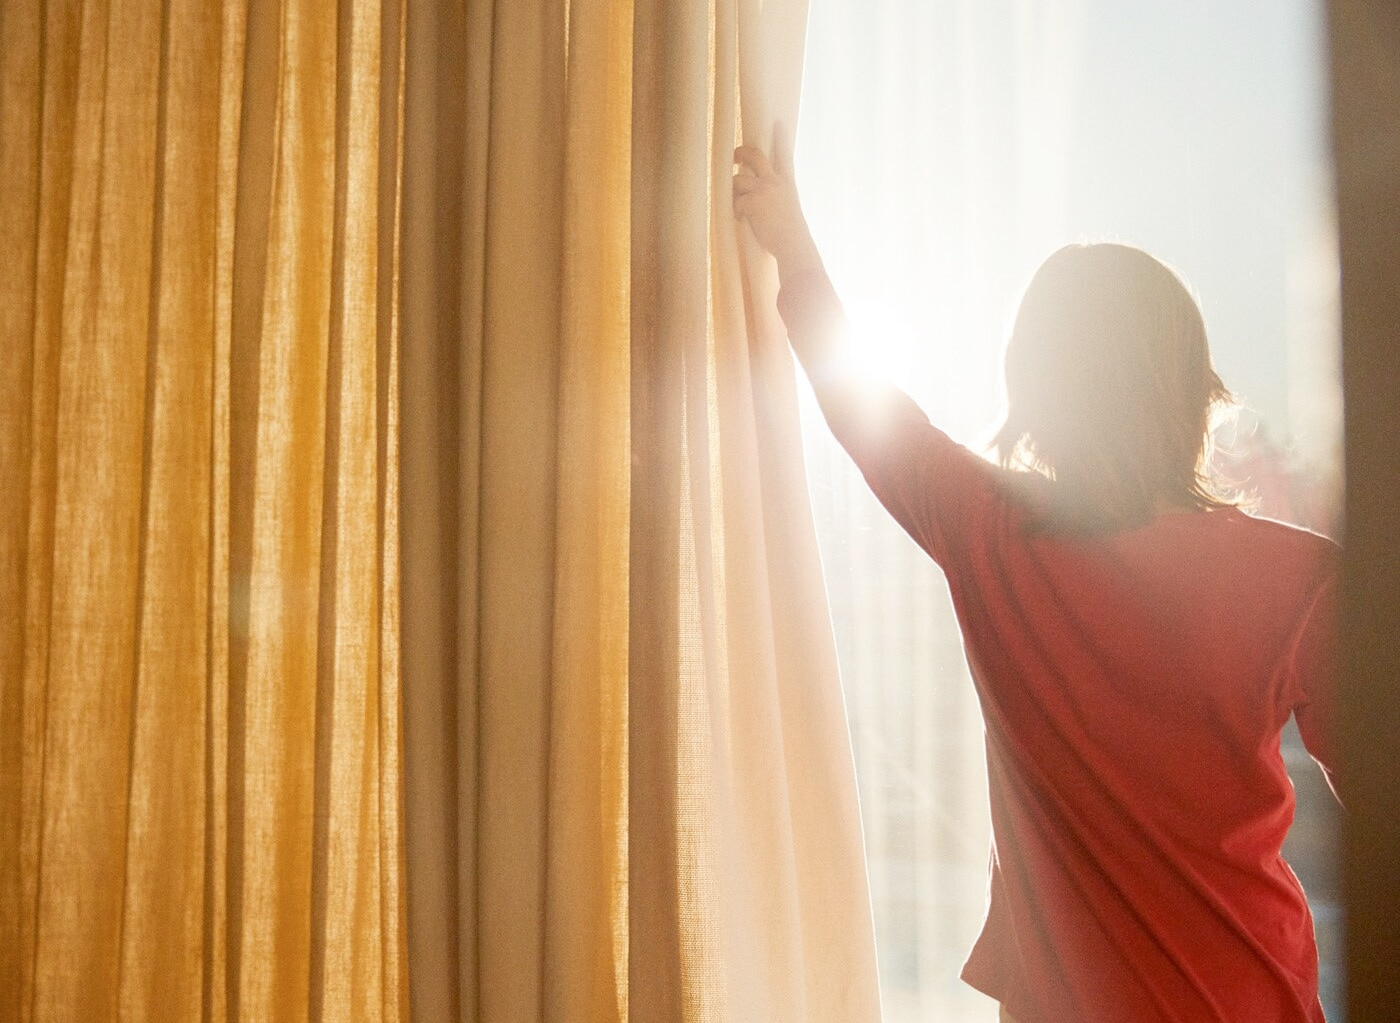 Une jeune femme portant un t-shirt rouge et ouvrant un rideau jaune pour laisser entrer le soleil depuis son balcon.